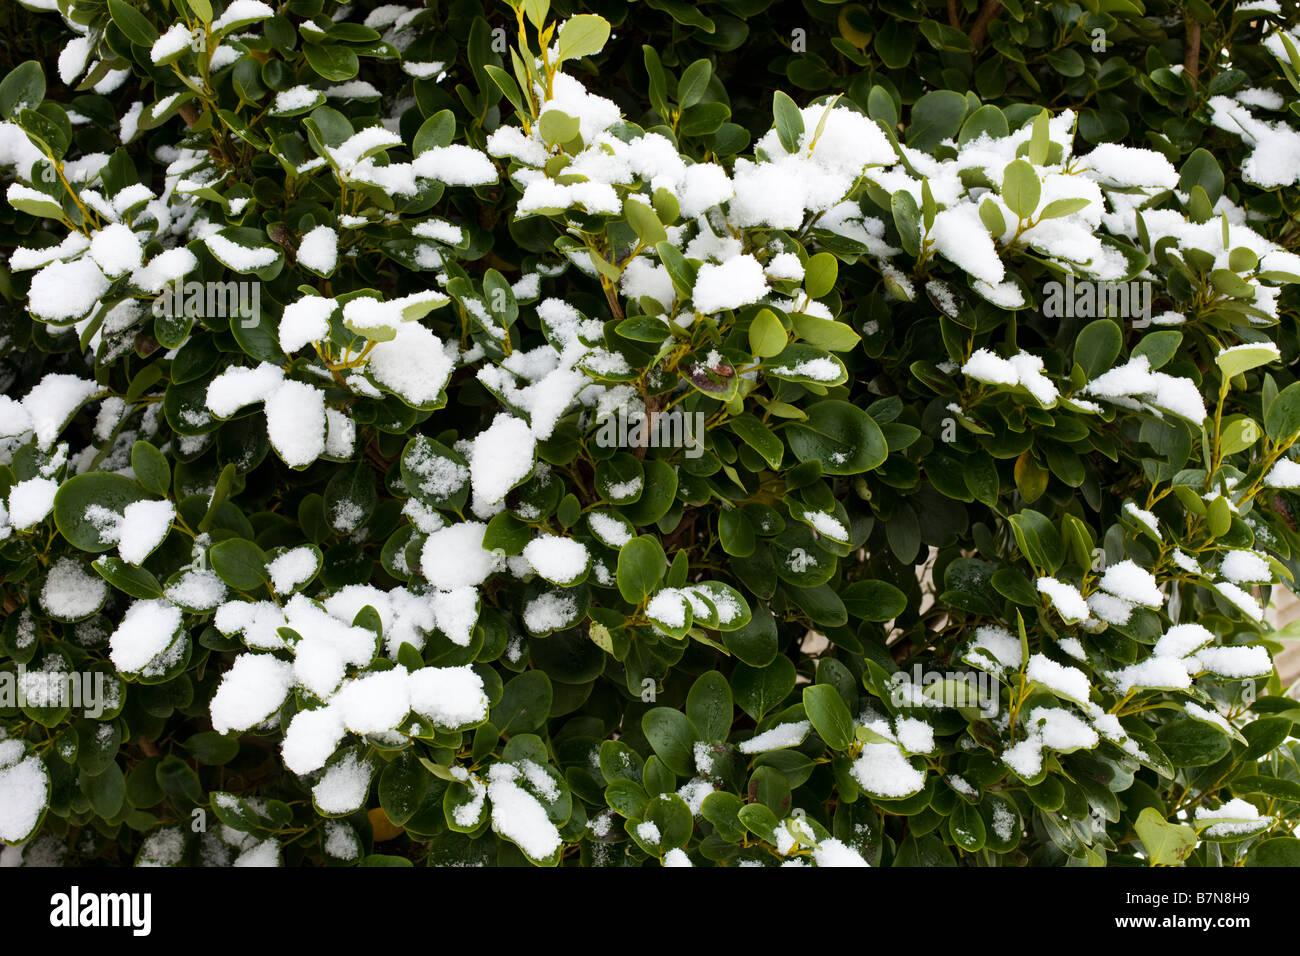 Garten Strauch mit Blättern im Winterschnee bedeckt Stockbild